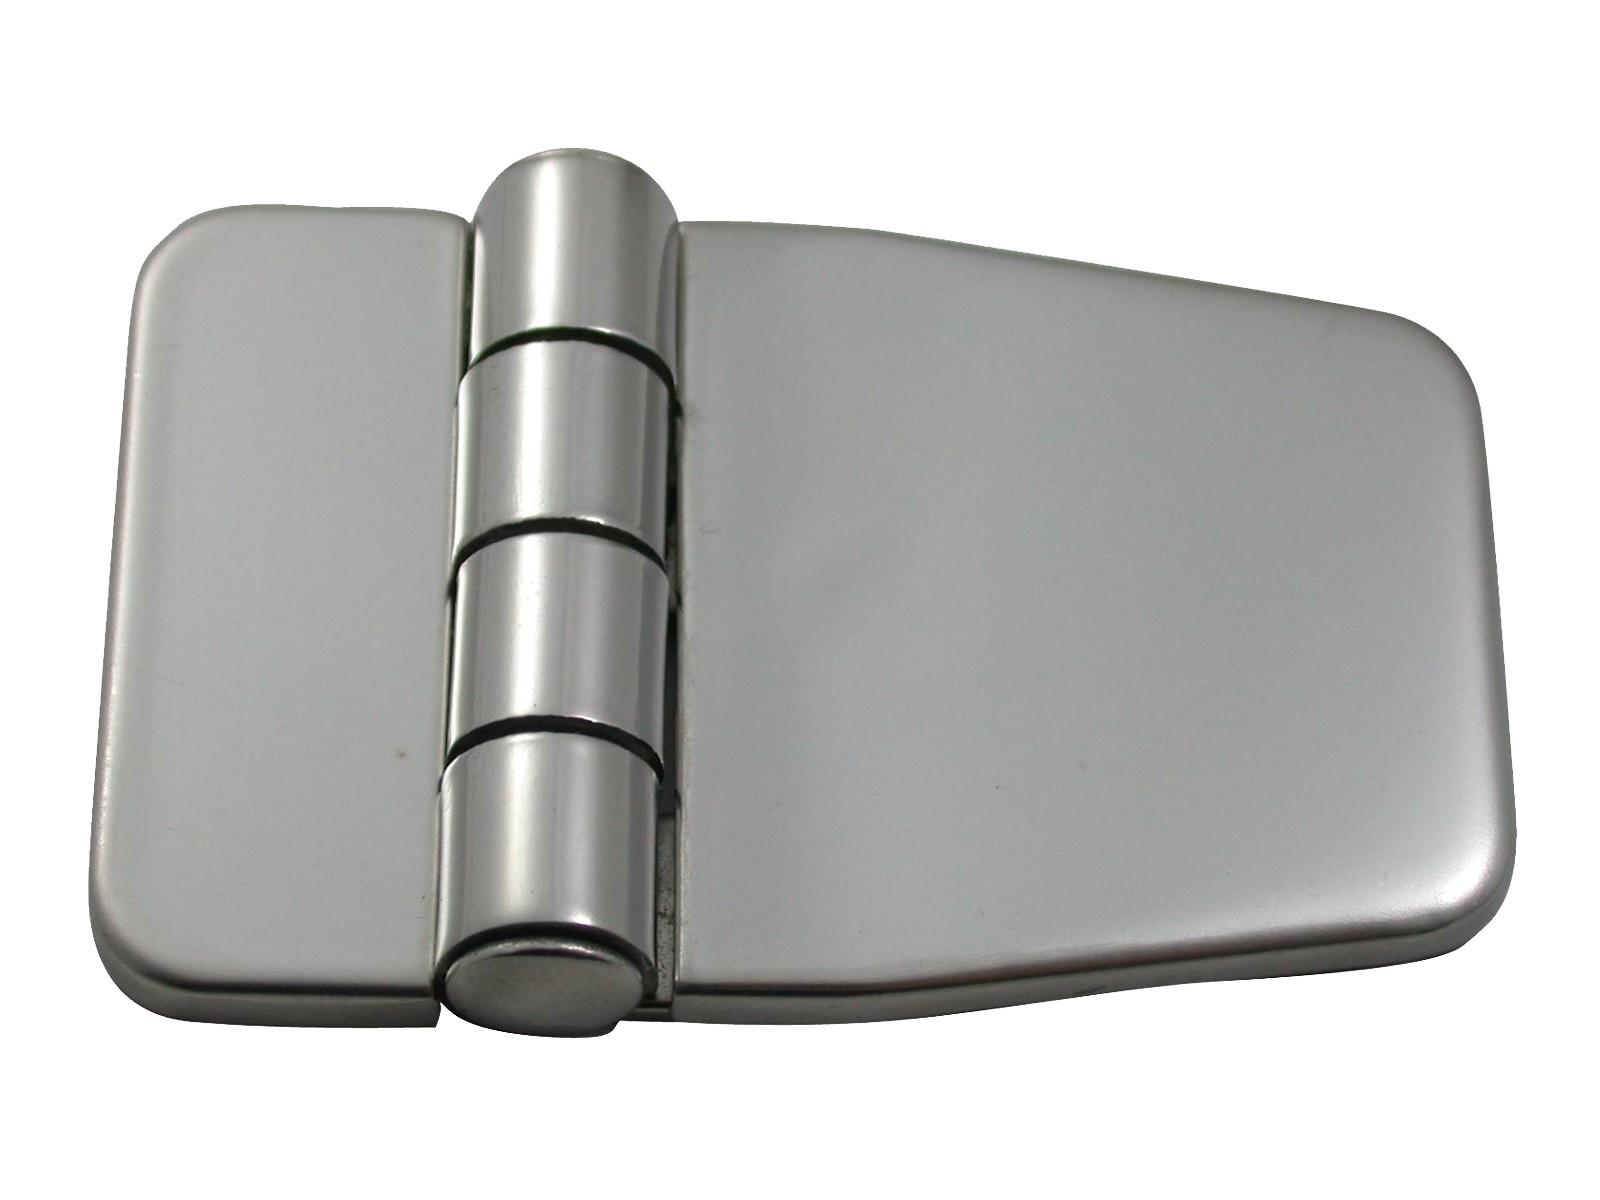 14.91 - Μεντεσές Inox Με Καπάκι 56,7mm x 36,5mm